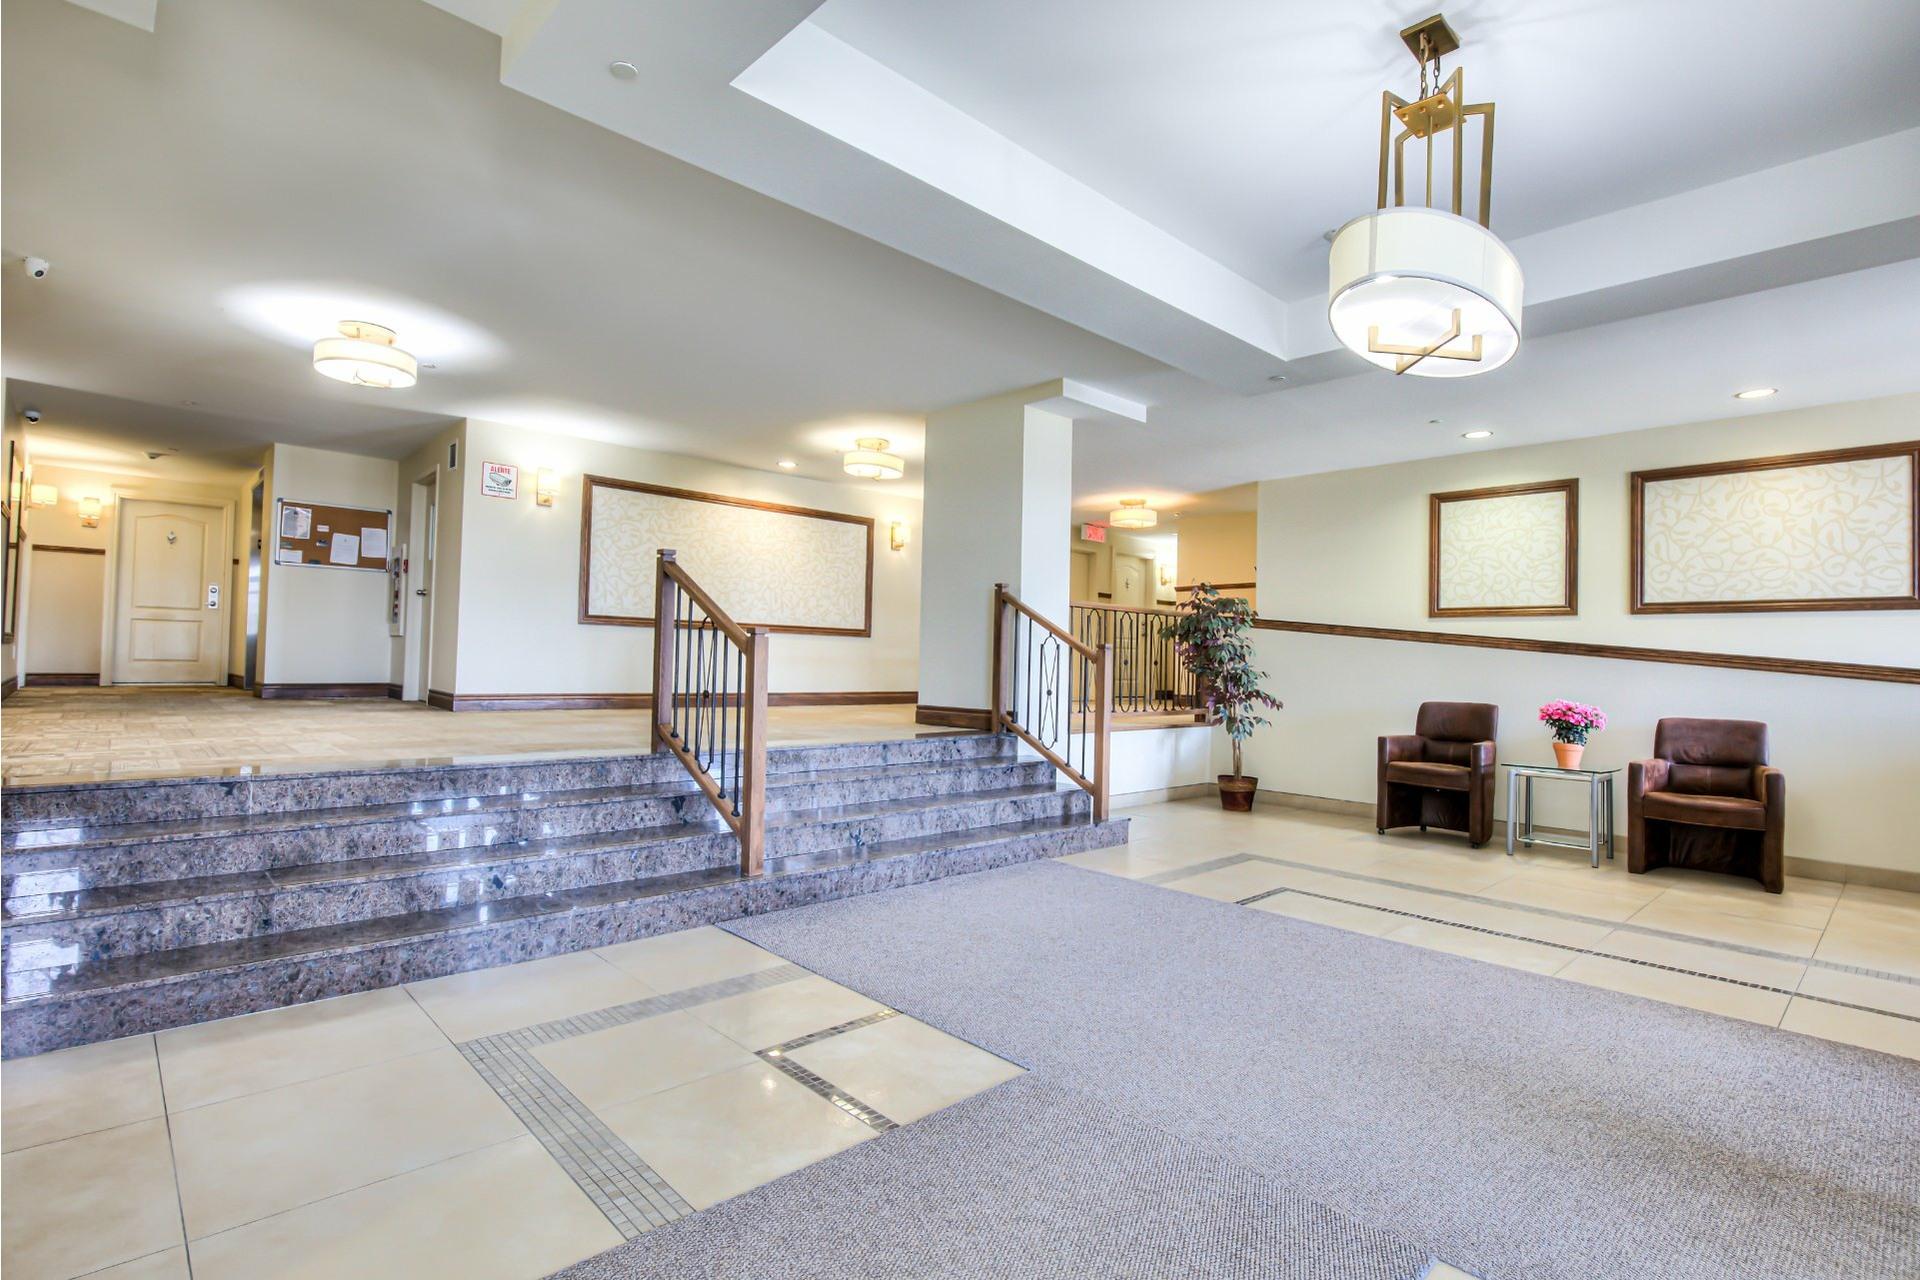 image 1 - Apartment For sale Saint-Laurent Montréal  - 6 rooms